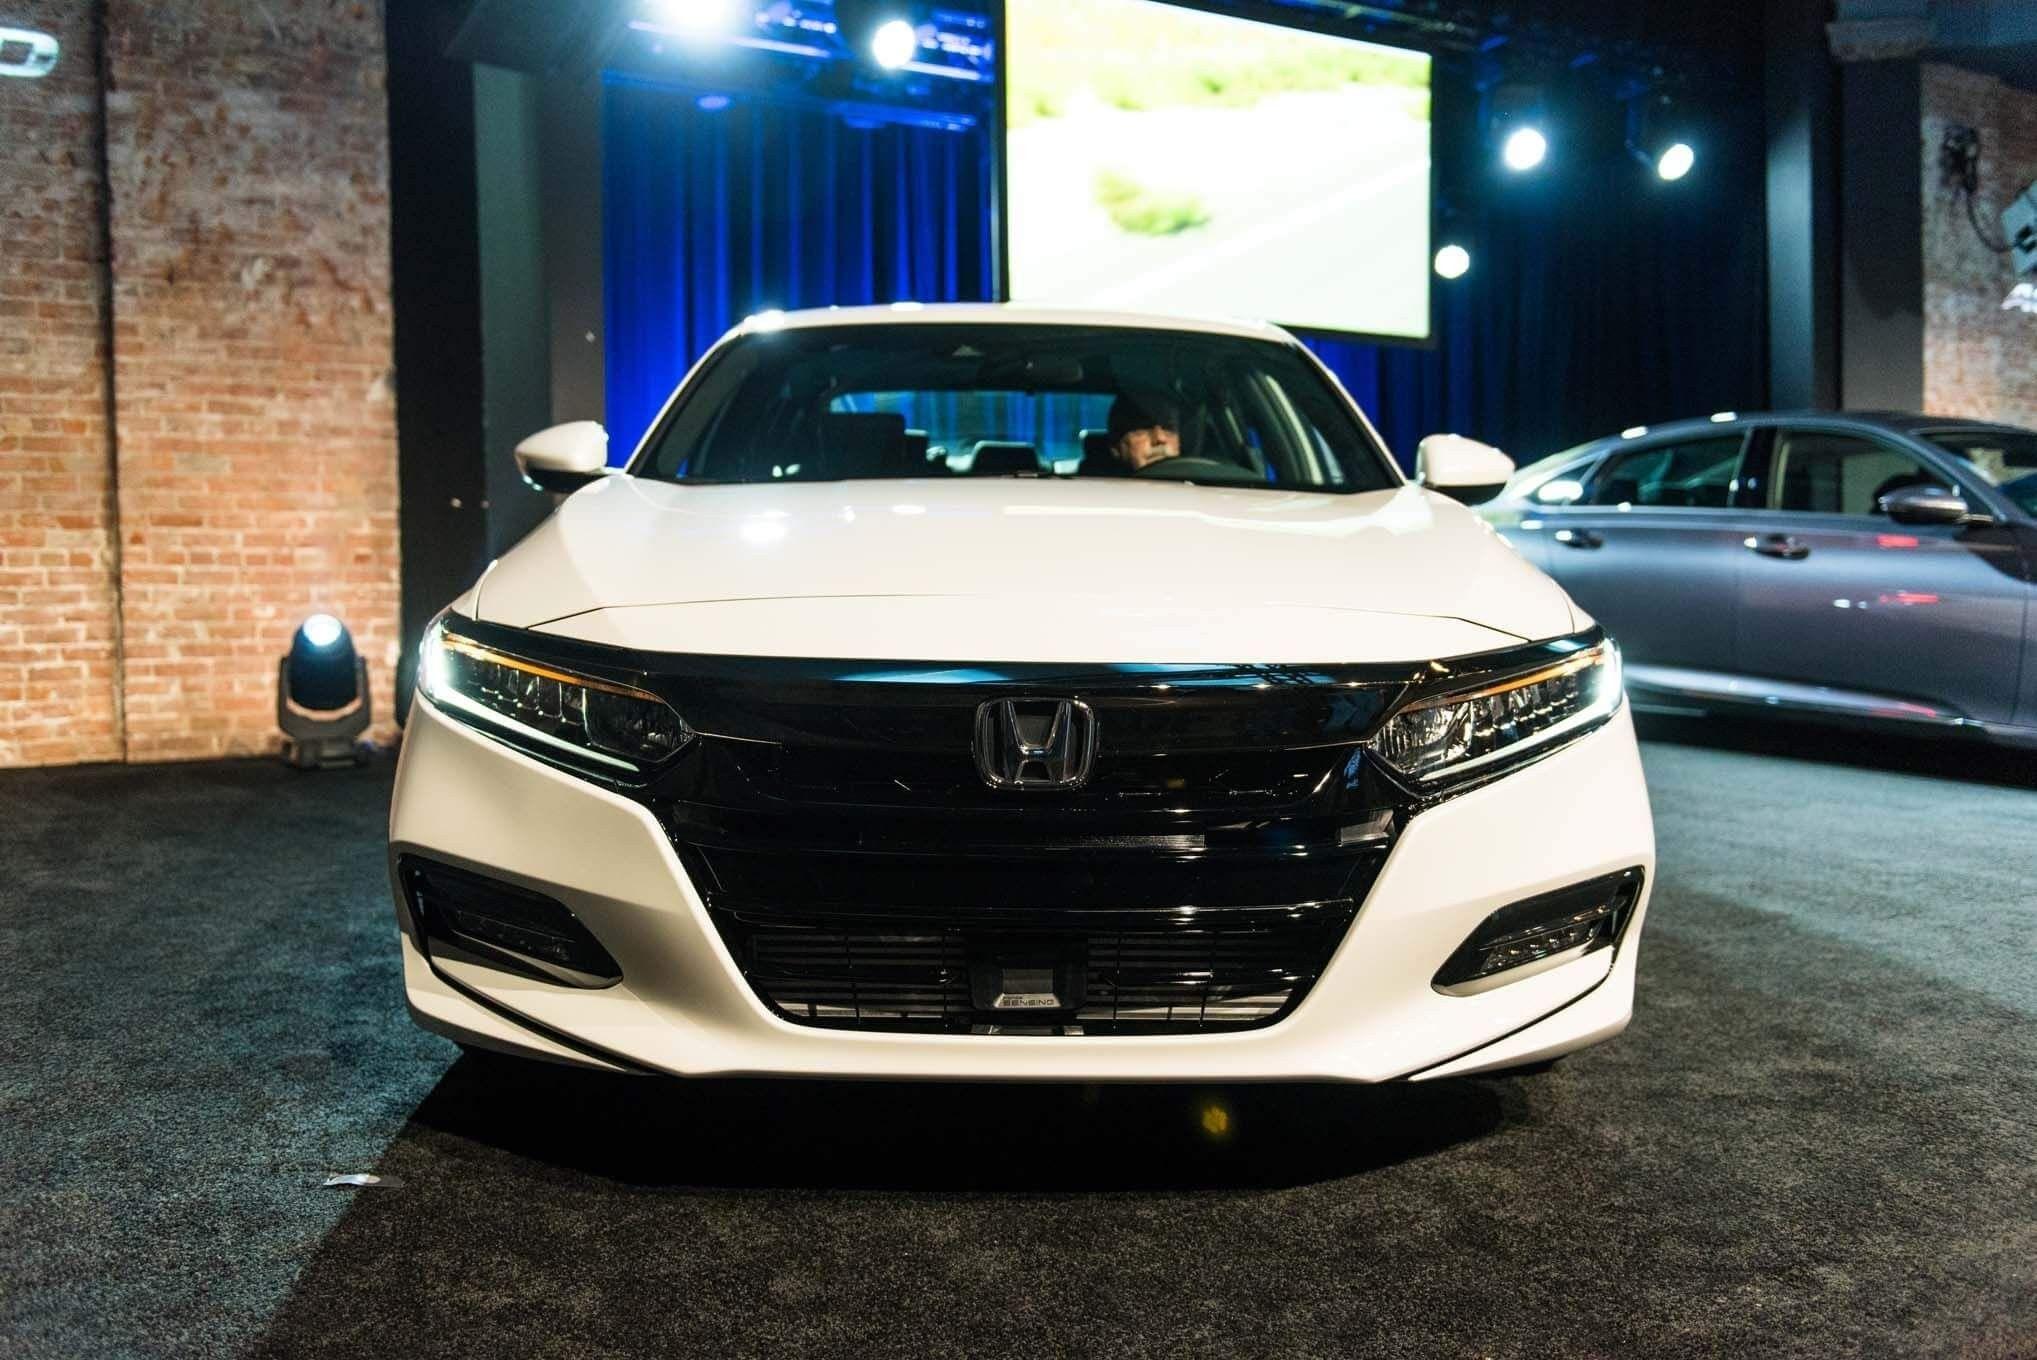 The 2019 Honda Accord Sedan Review Car Price 2019